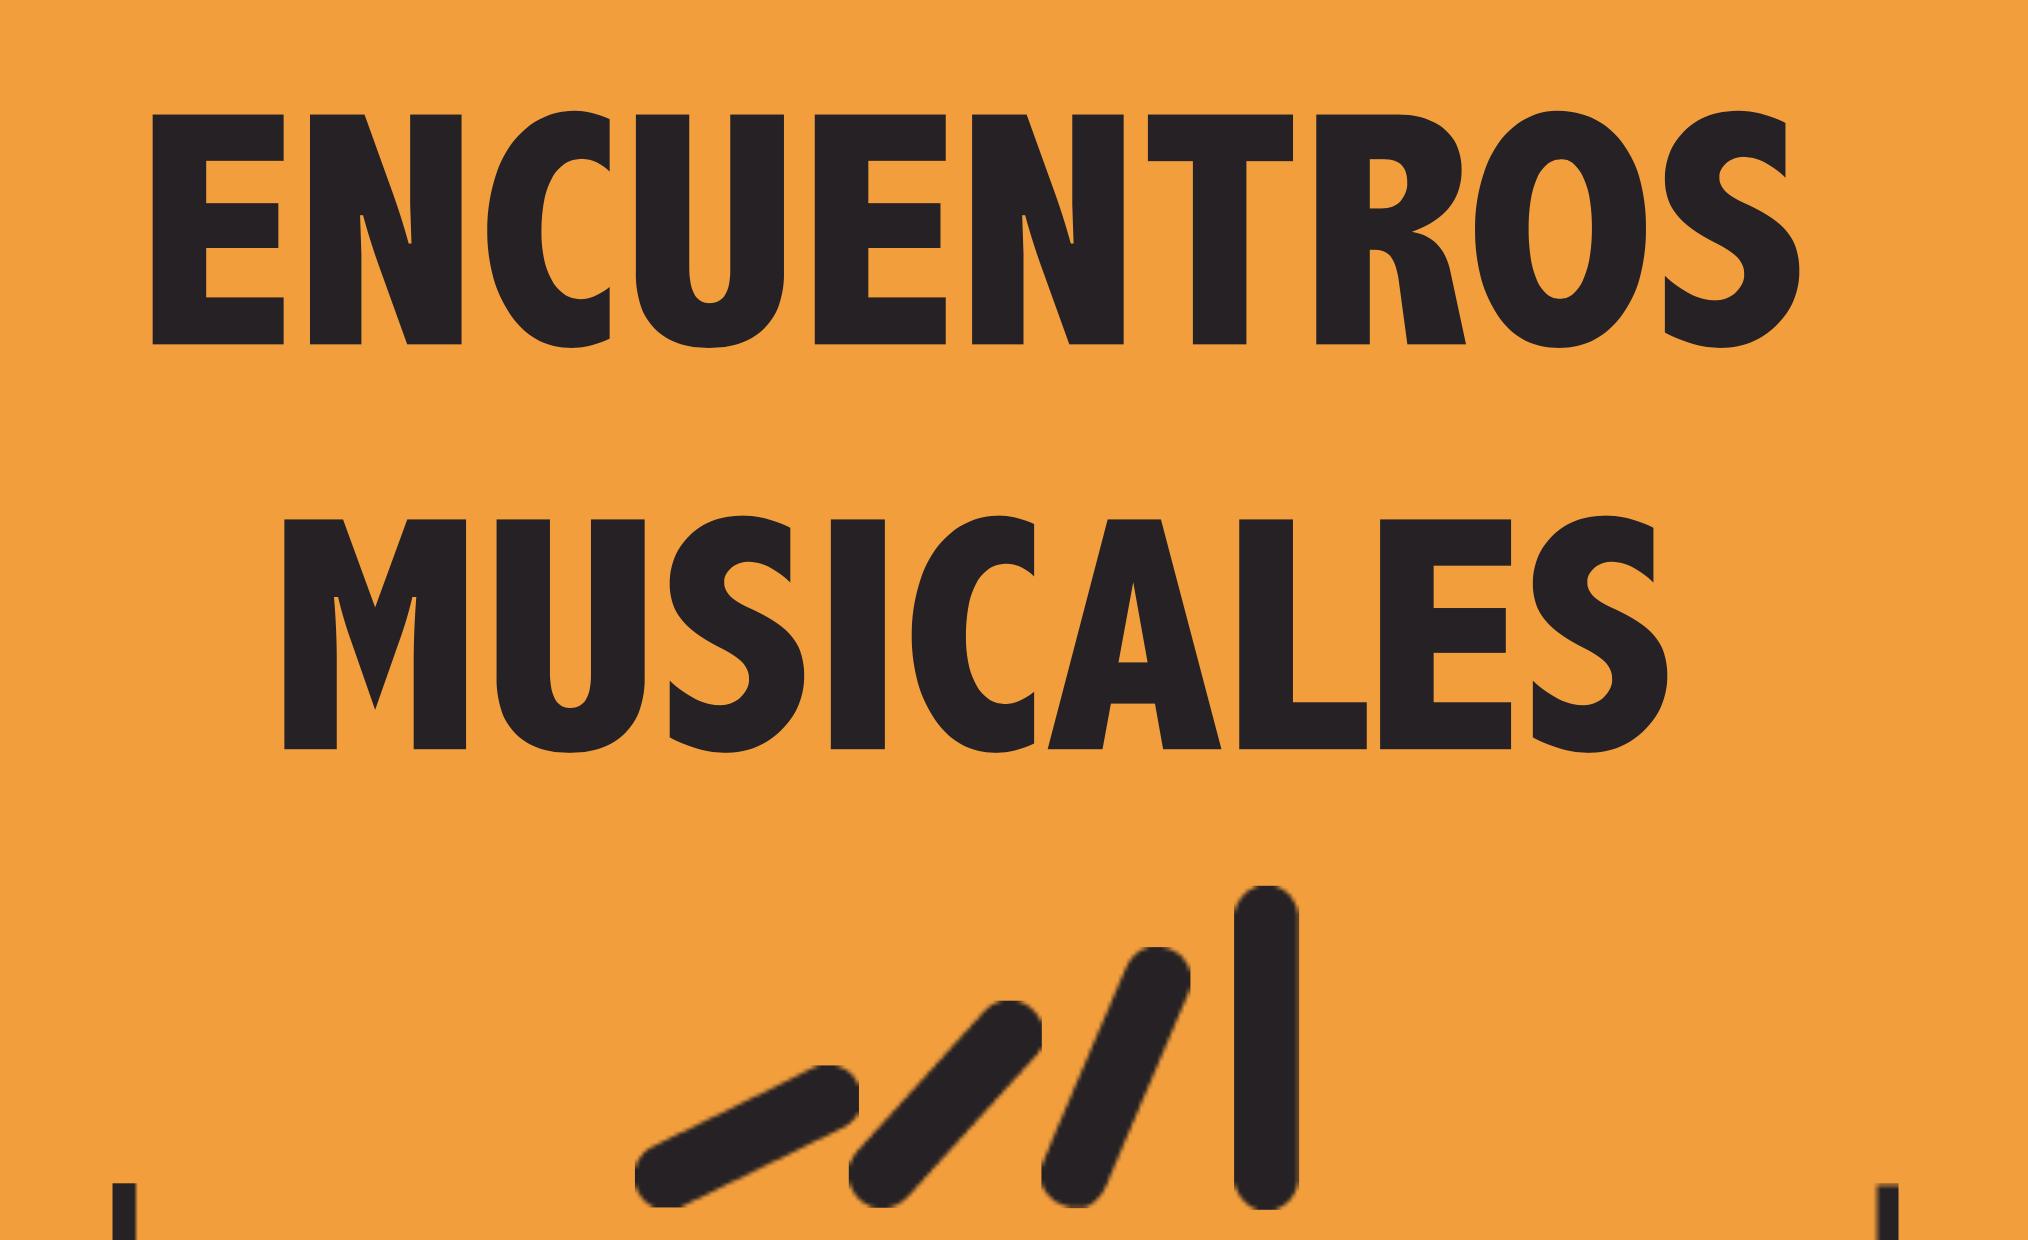 Encuentros Musicales en el MEH de Burgos durante mayo